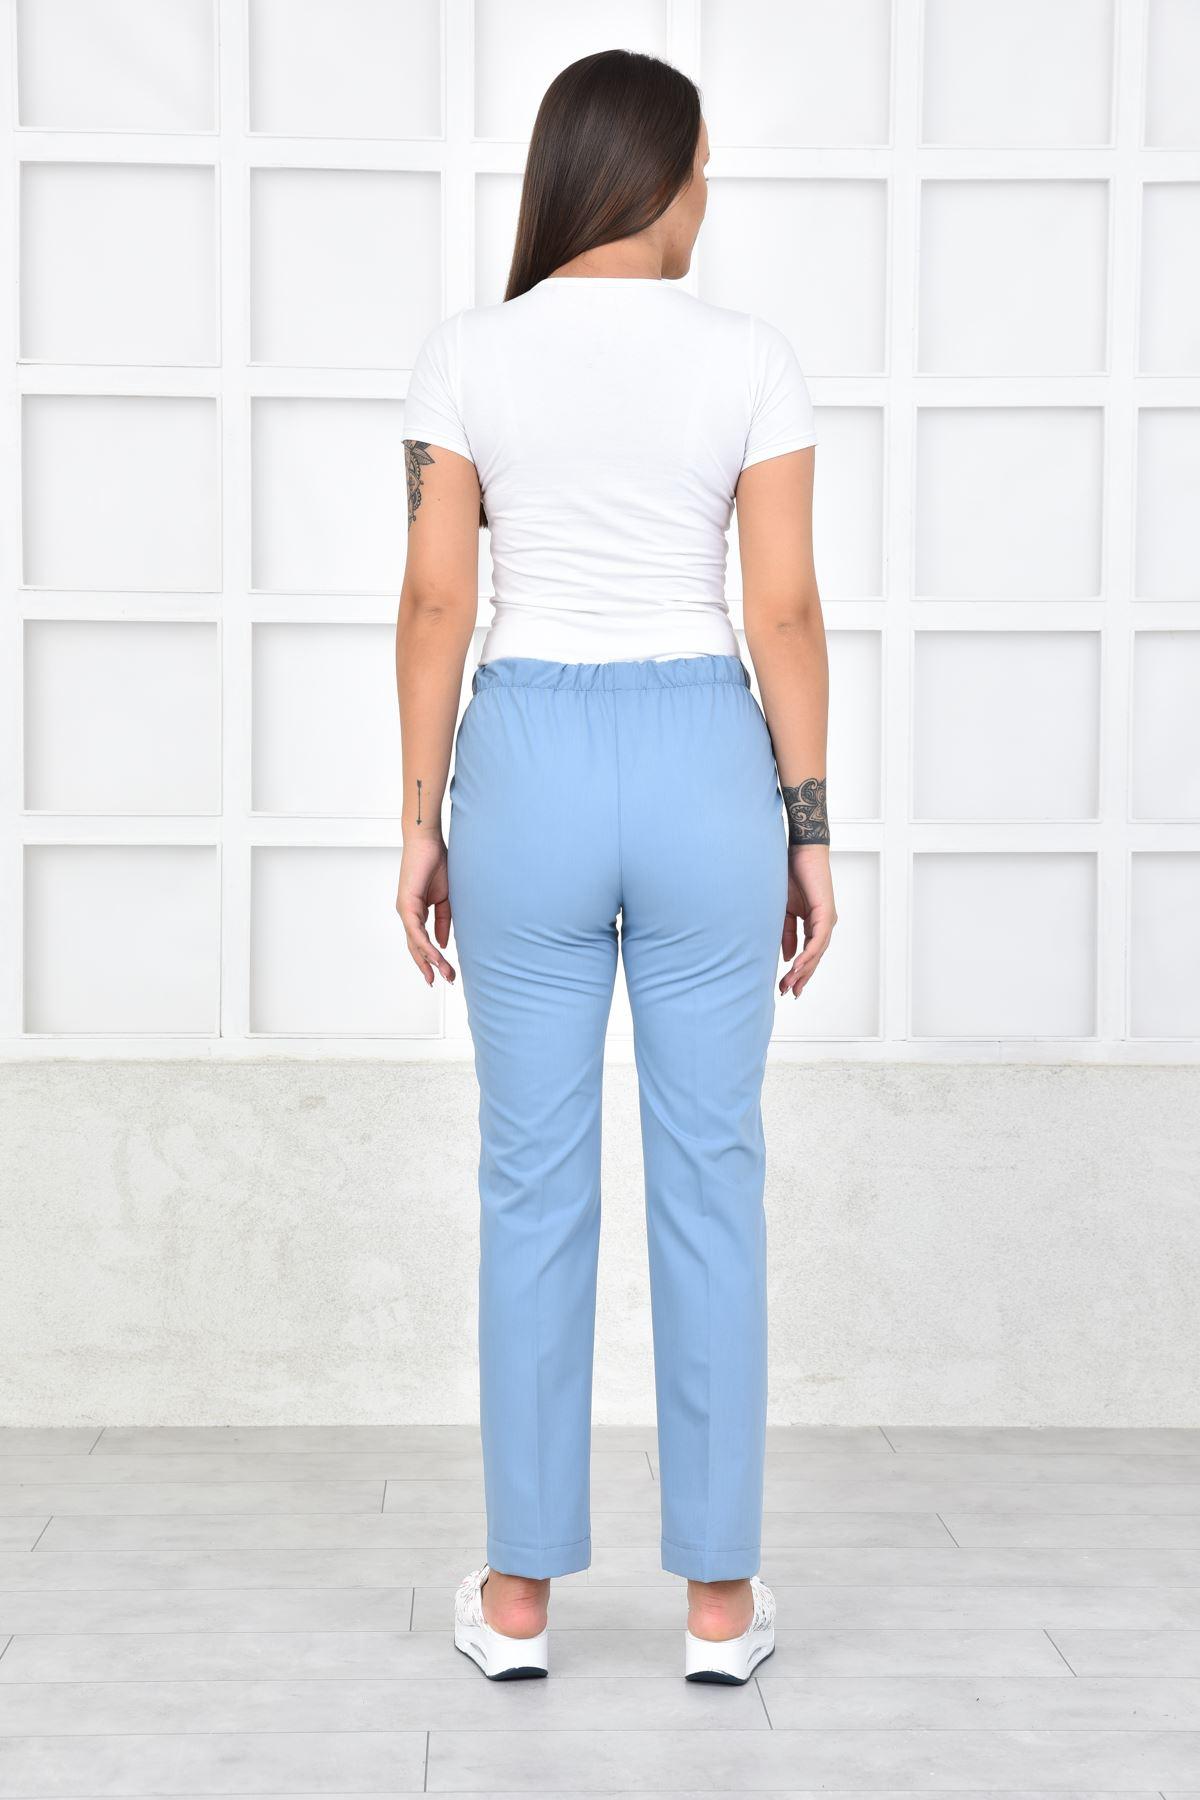 1010 BULUT MAVİ lastikli pantolon